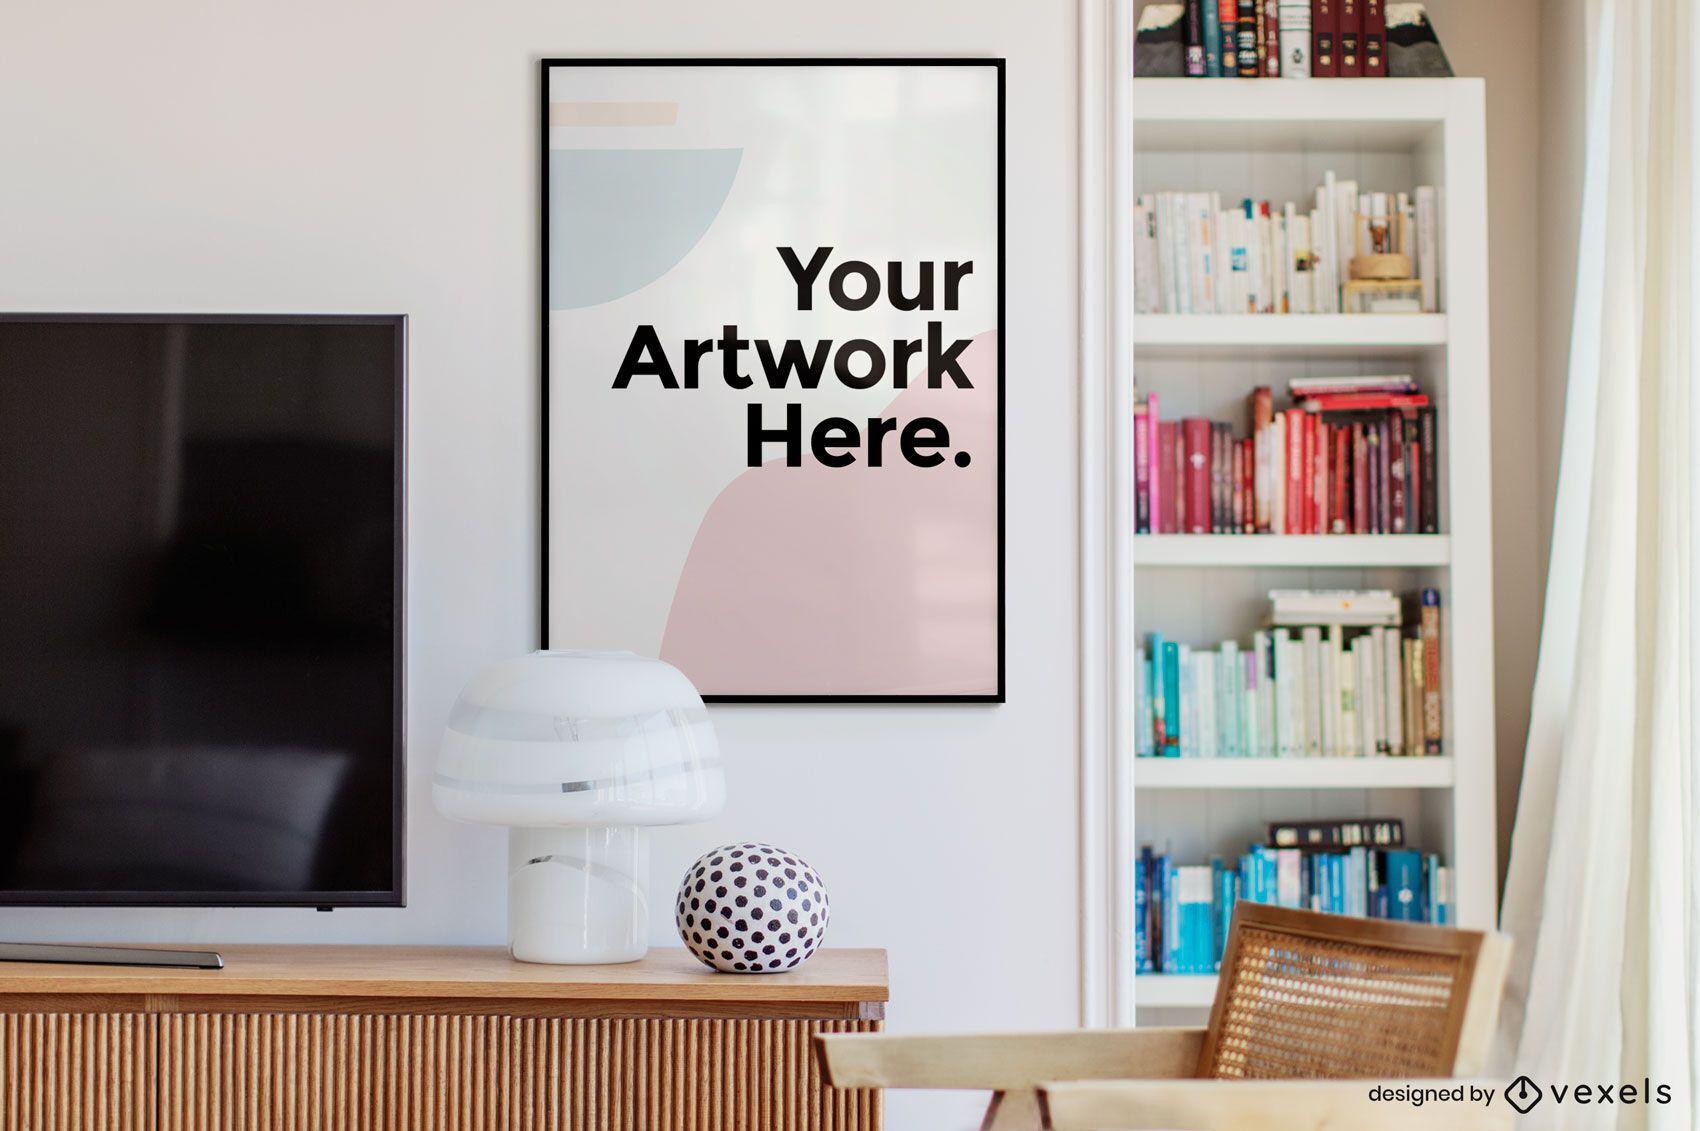 Bookshelf office artwork frame mockup